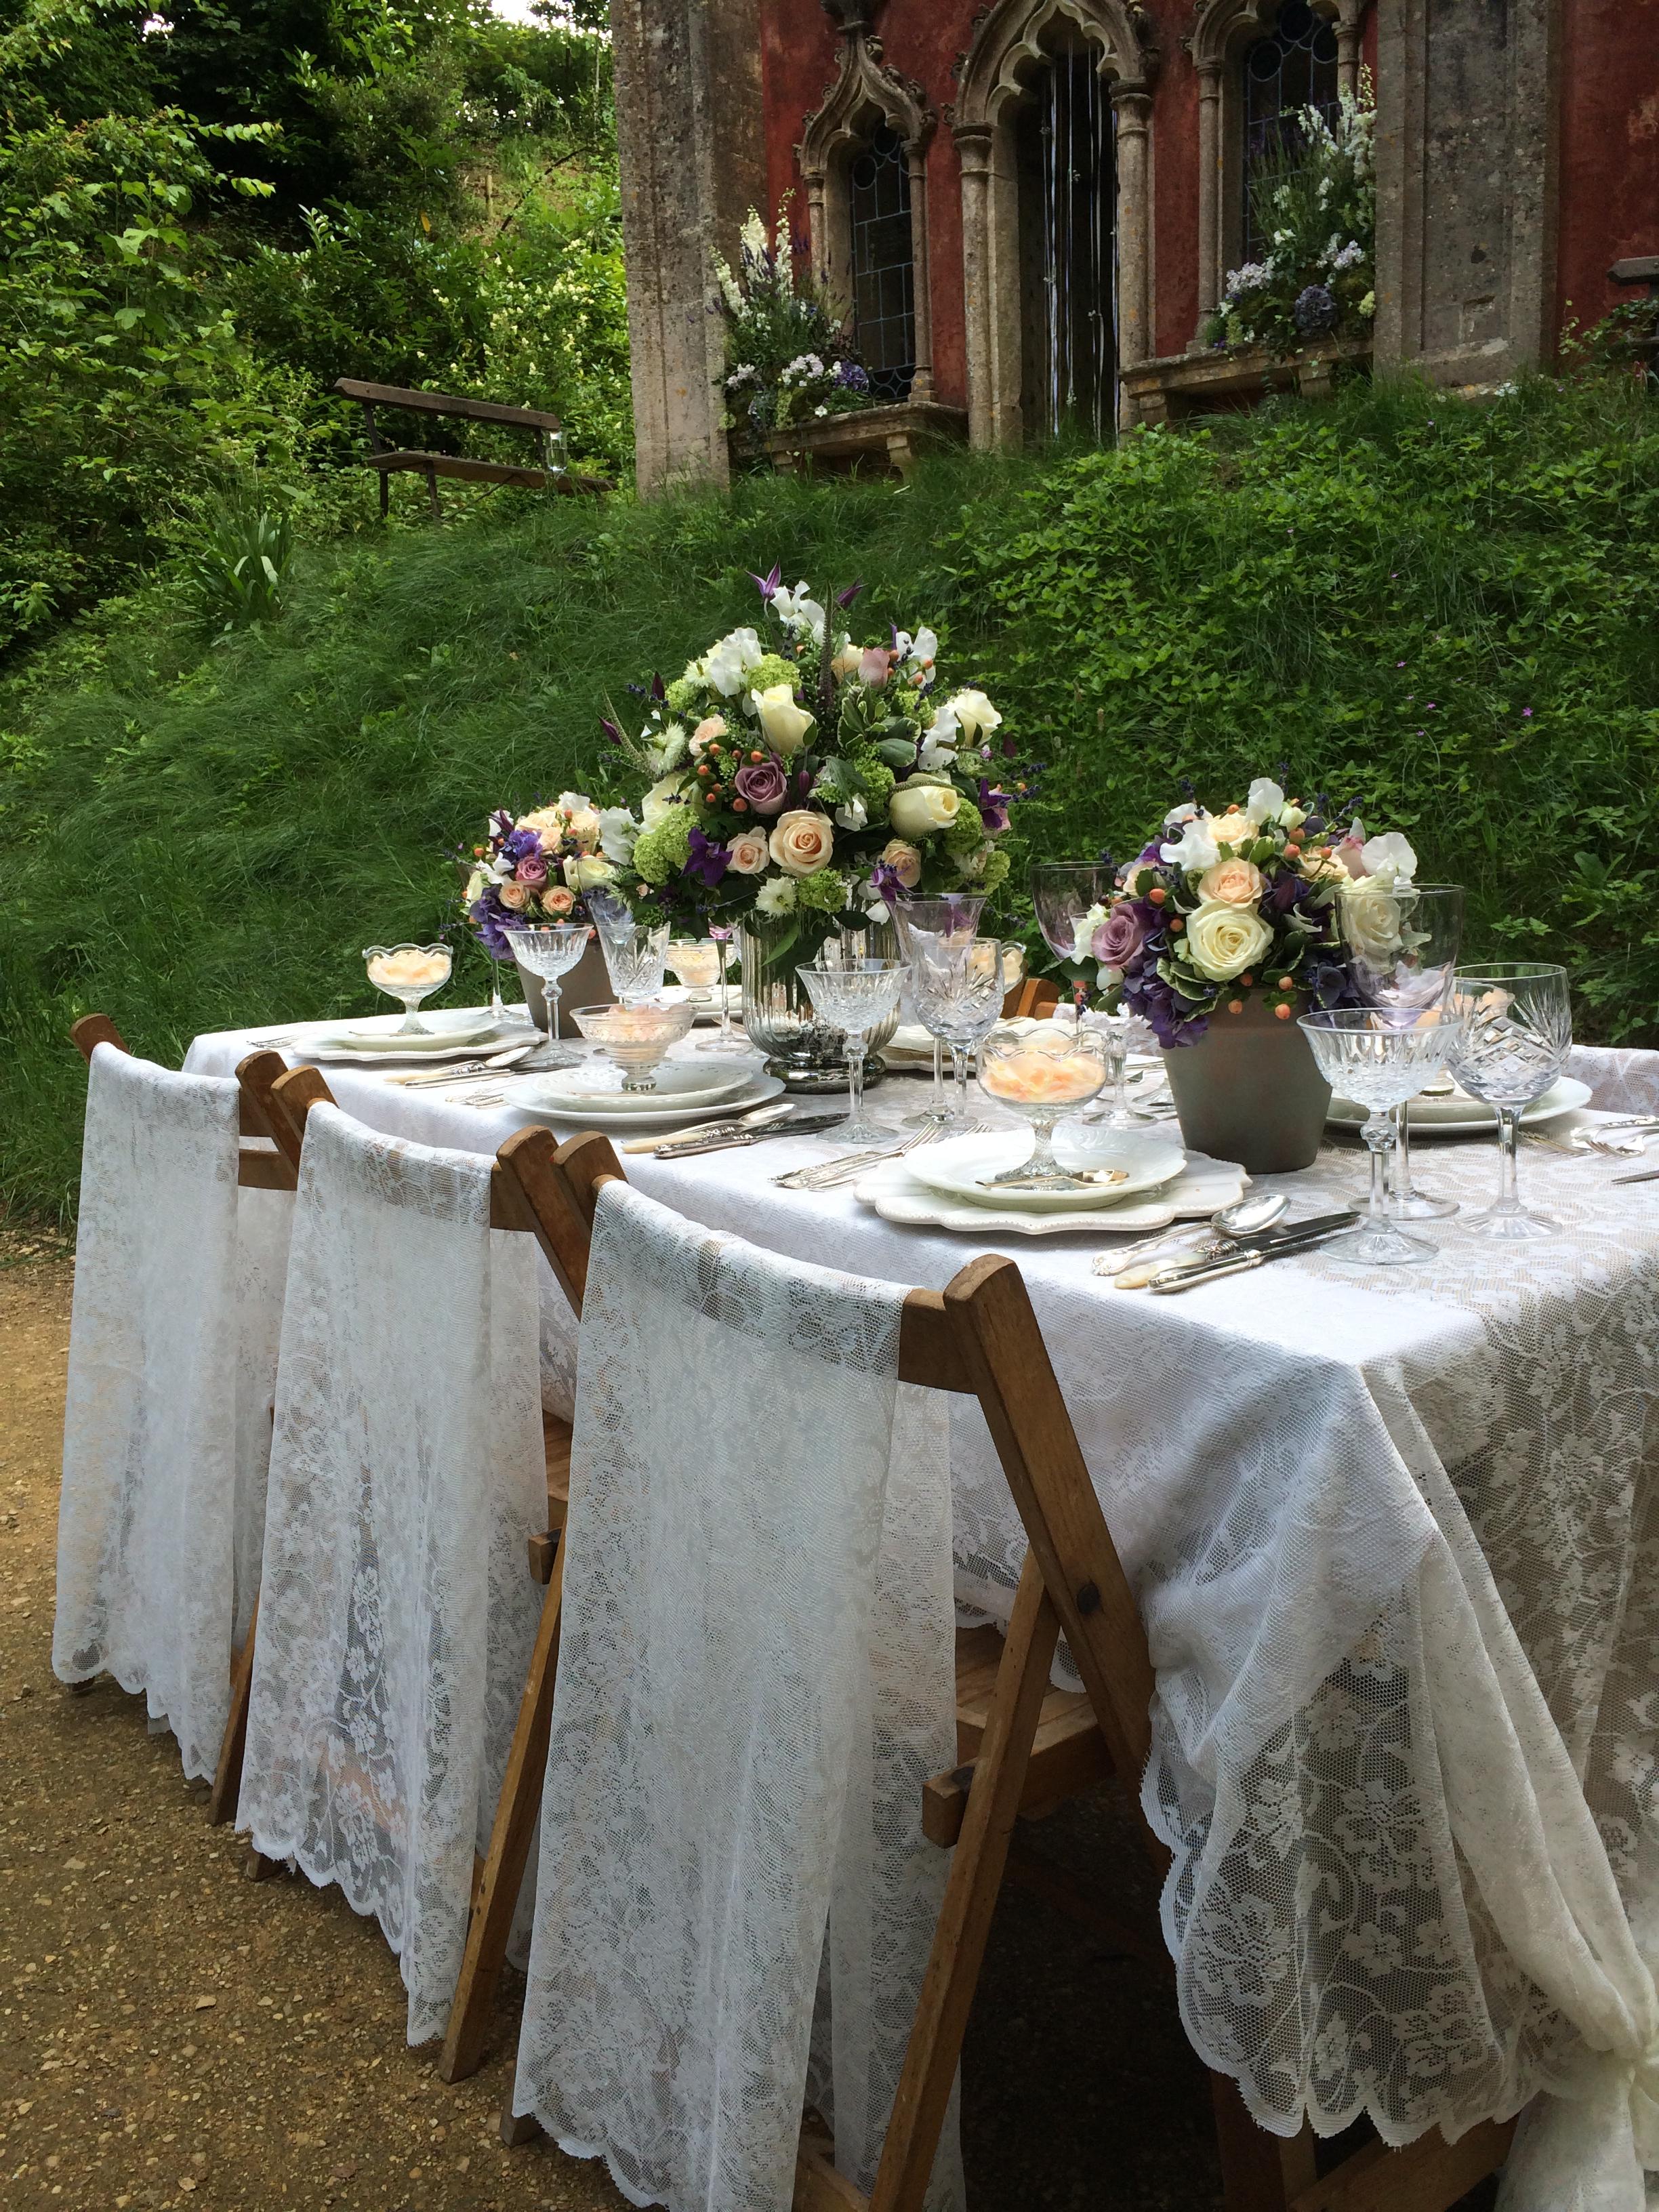 bordello banquets rococo gardens (27).jpg